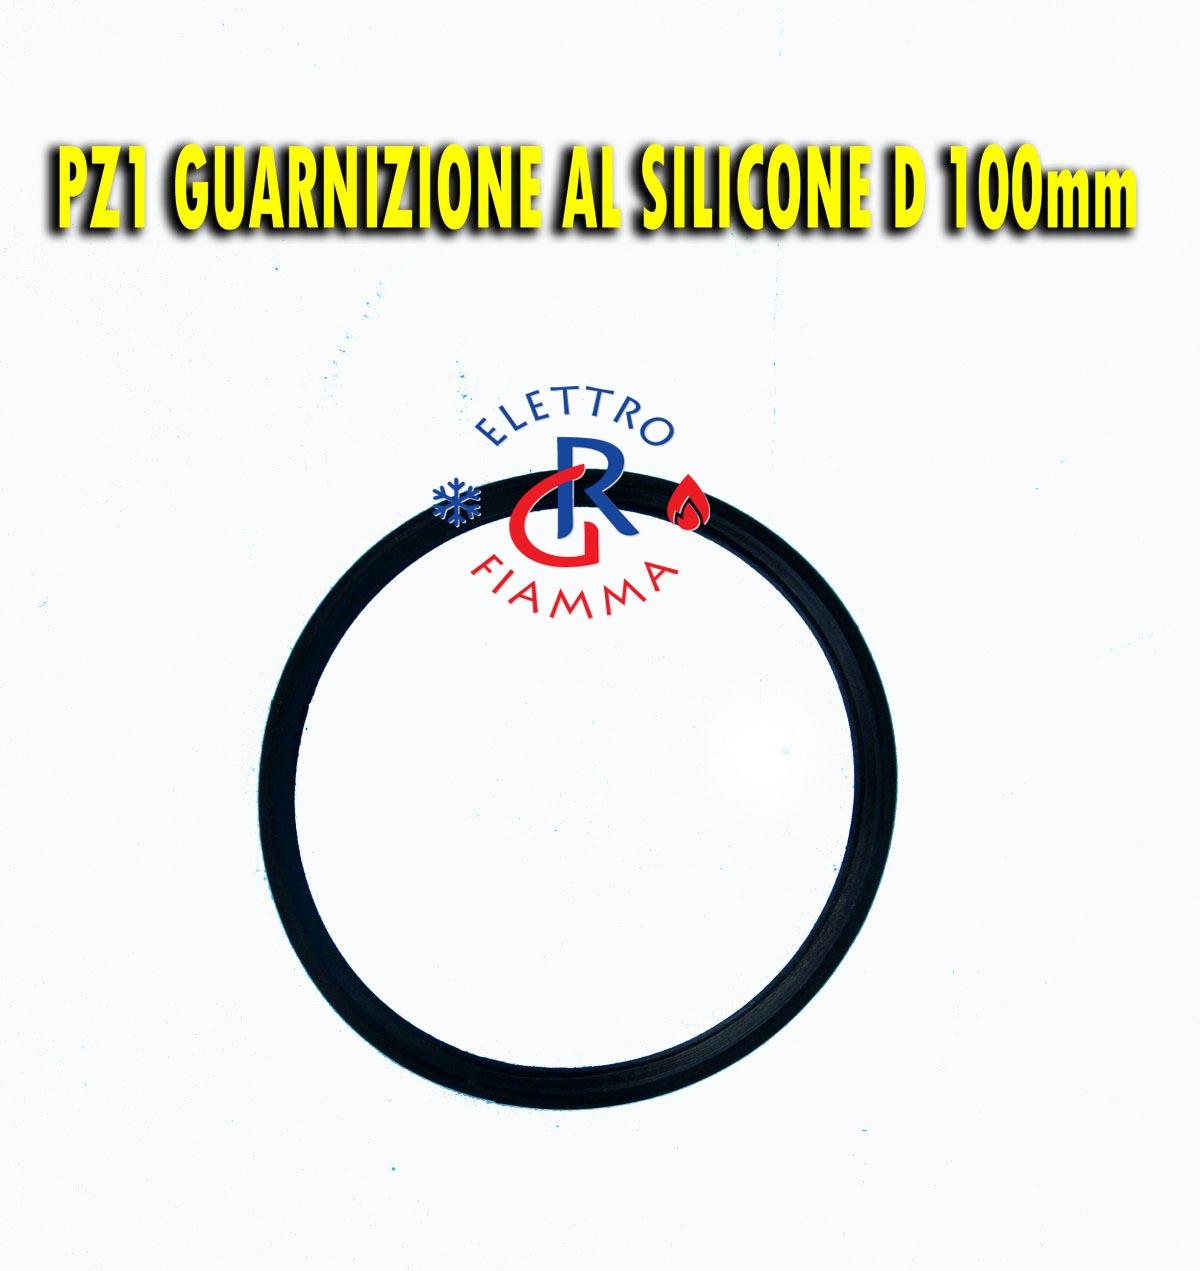 6PZ GUARNIZIONE SILICONE NERA TUBO D100 mm SCARICO FUMI STUFA CALDAIA PELLET